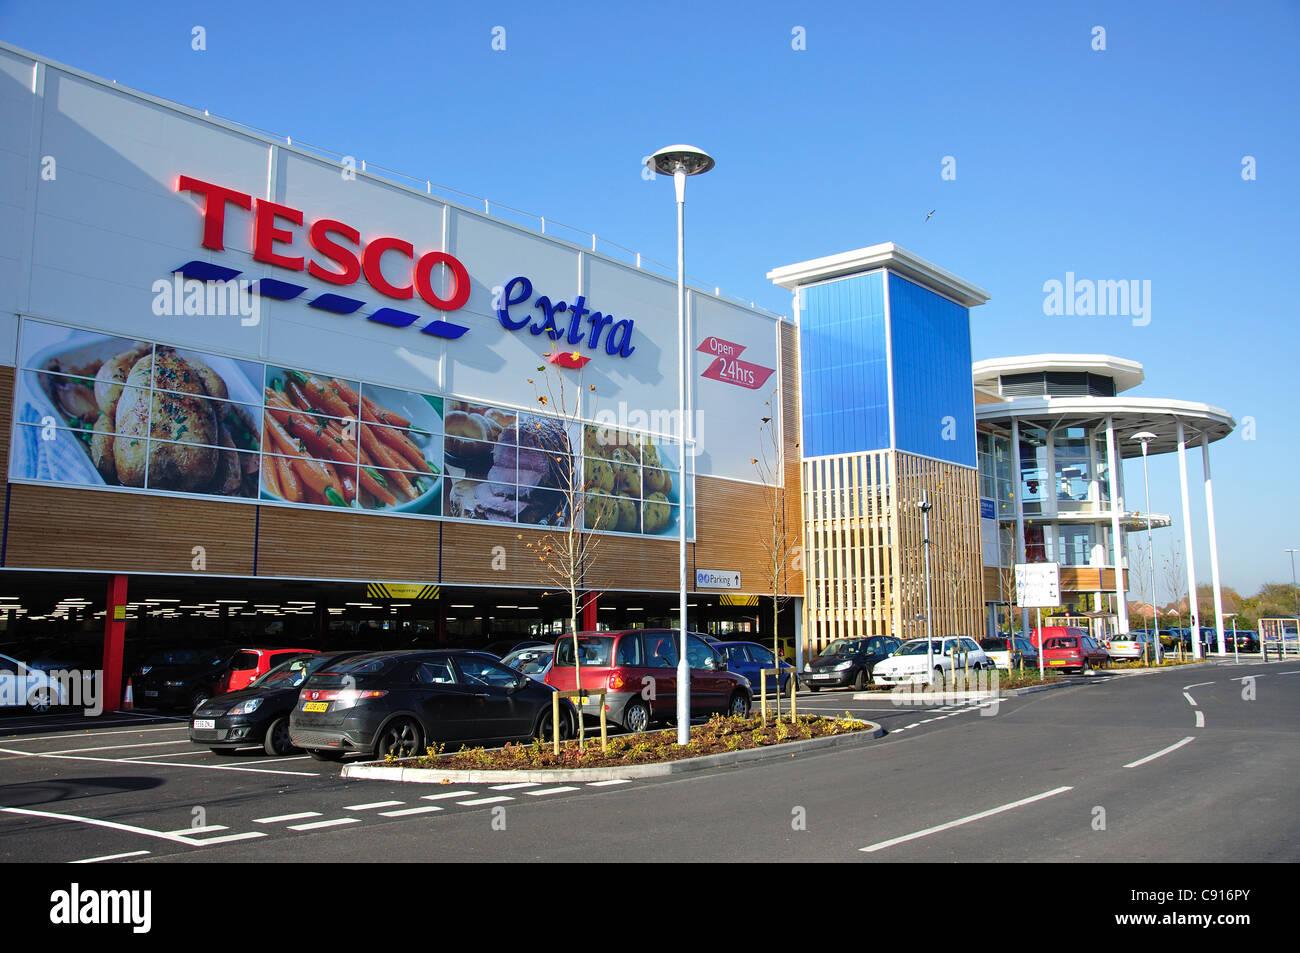 Tesco extra supermarket, Yate Shopping Centre, Yate, Gloucestershire, England, United Kingdom Stock Photo